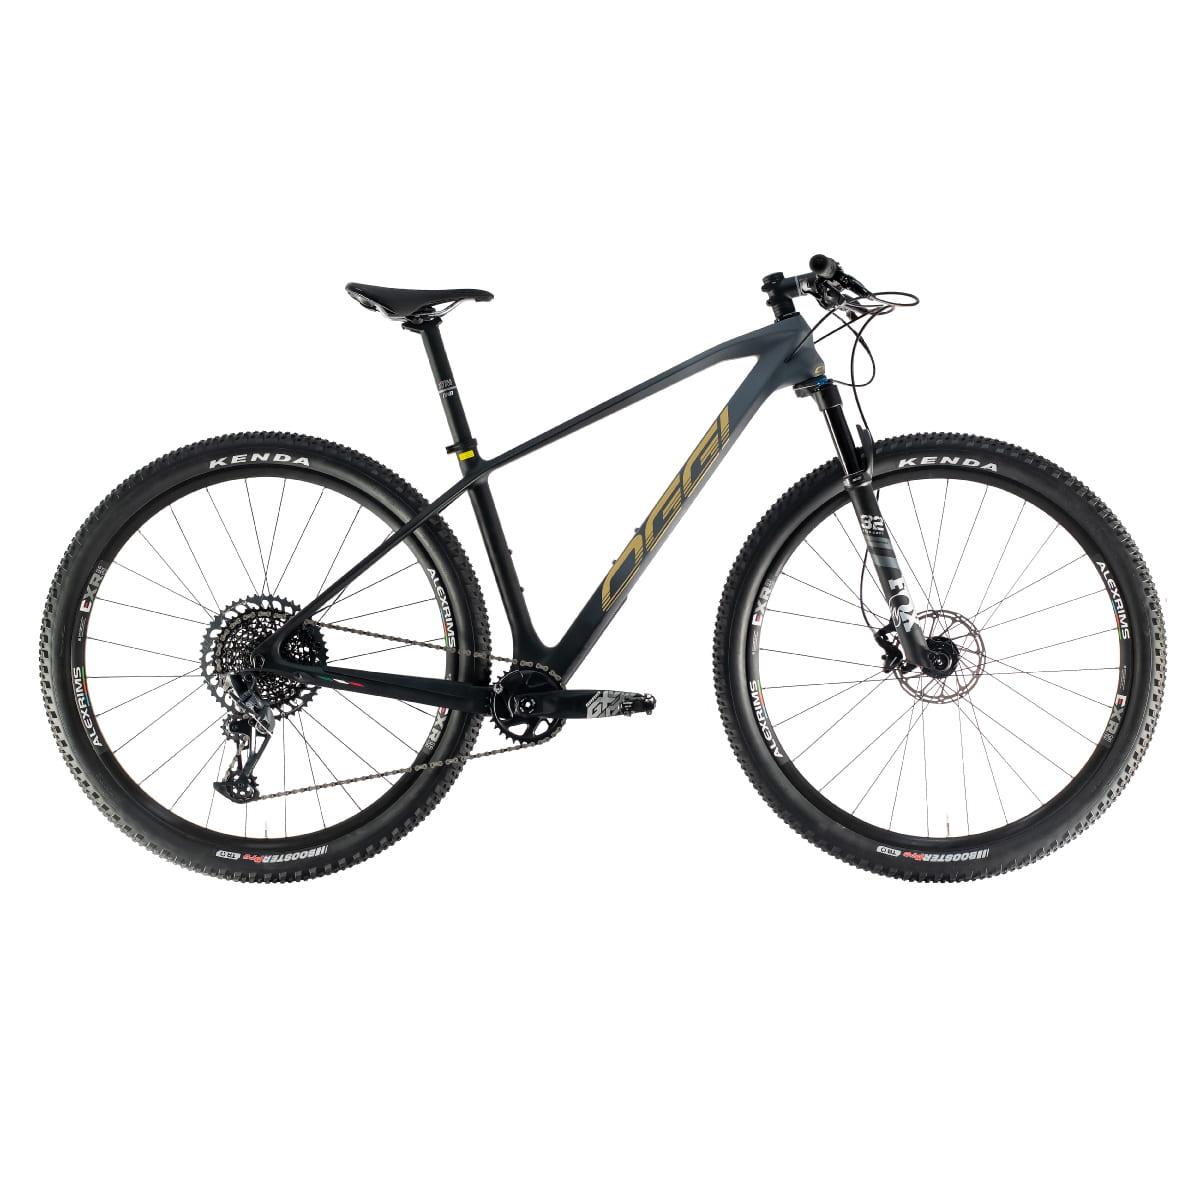 Bike Oggi Agile Pro 2021 Carbono Sram GX Vermelho e Azul